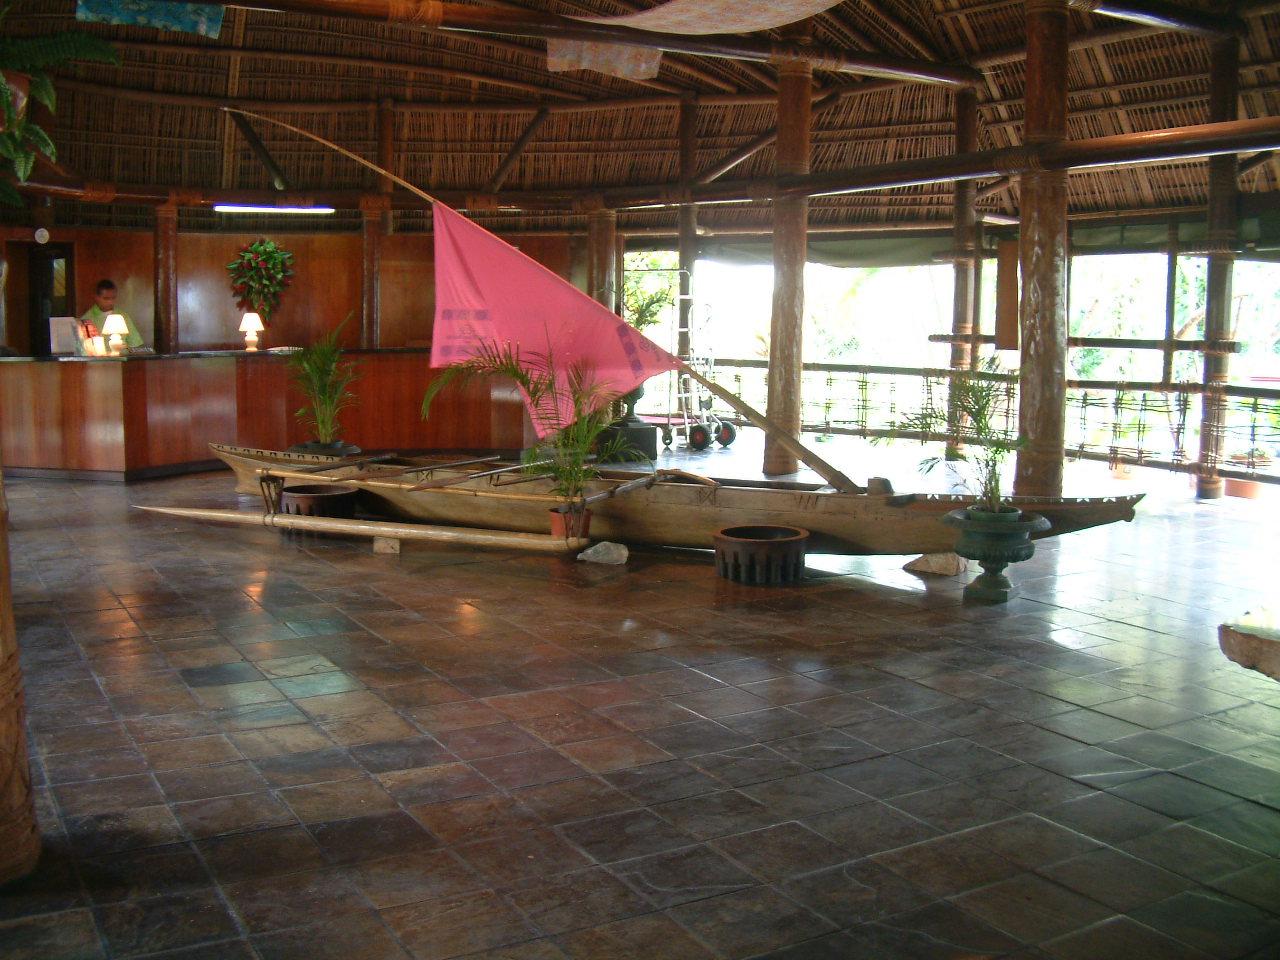 Kitano Canoe